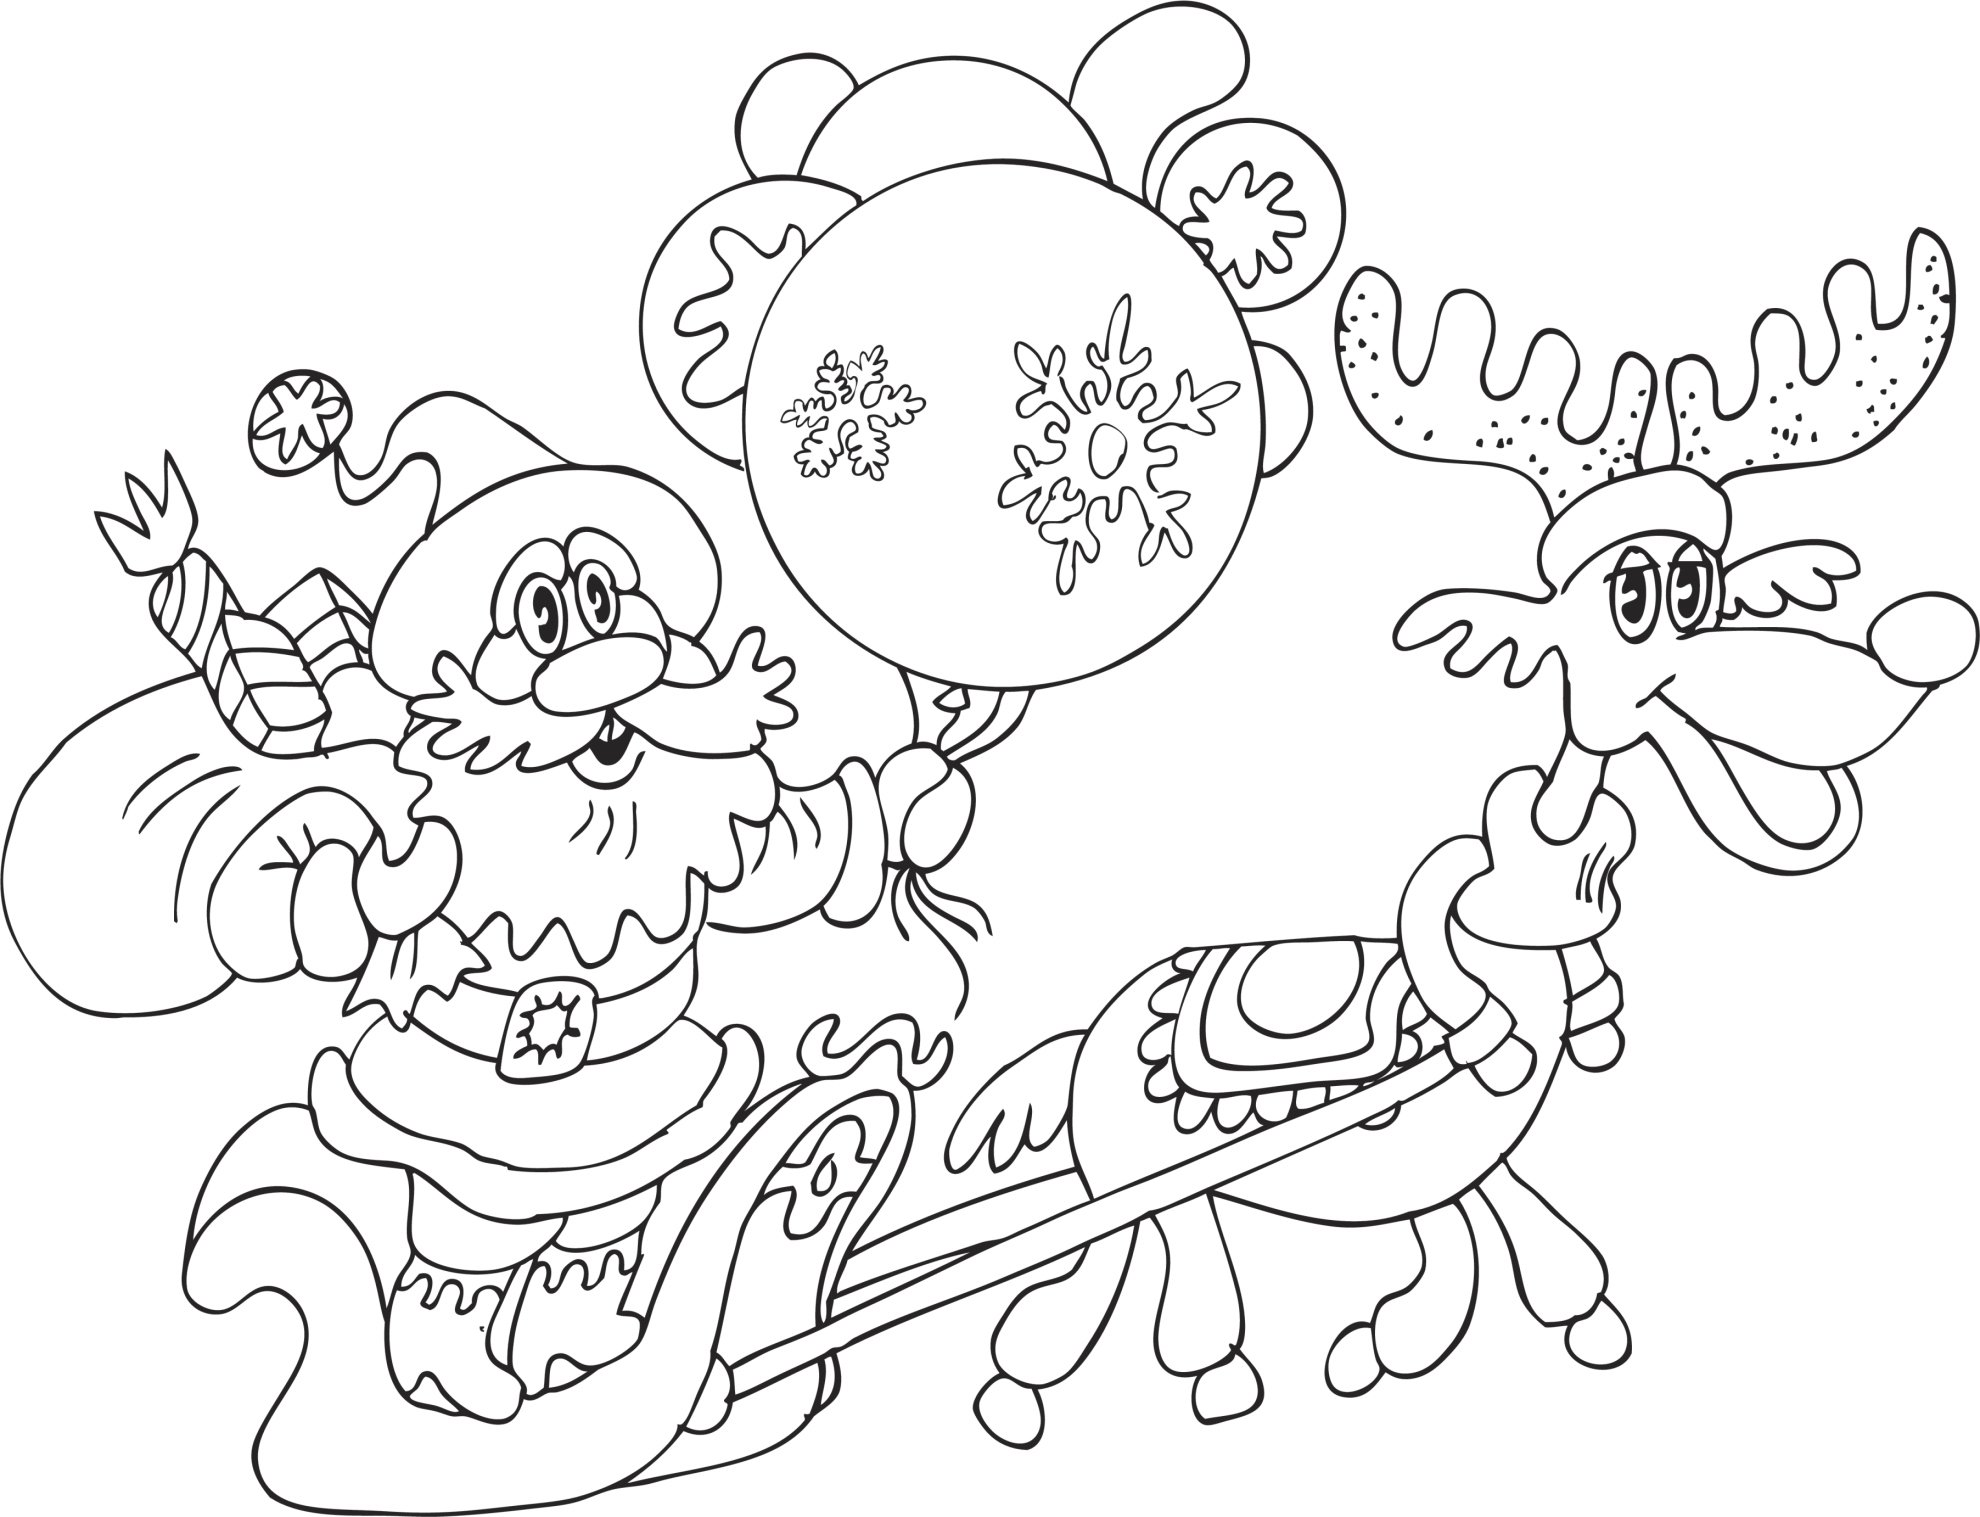 22 Dibujos Para Colorear De Princesas Disney Gratis: Dibujos De Navidad Para Colorear, Imágenes Navidad Para